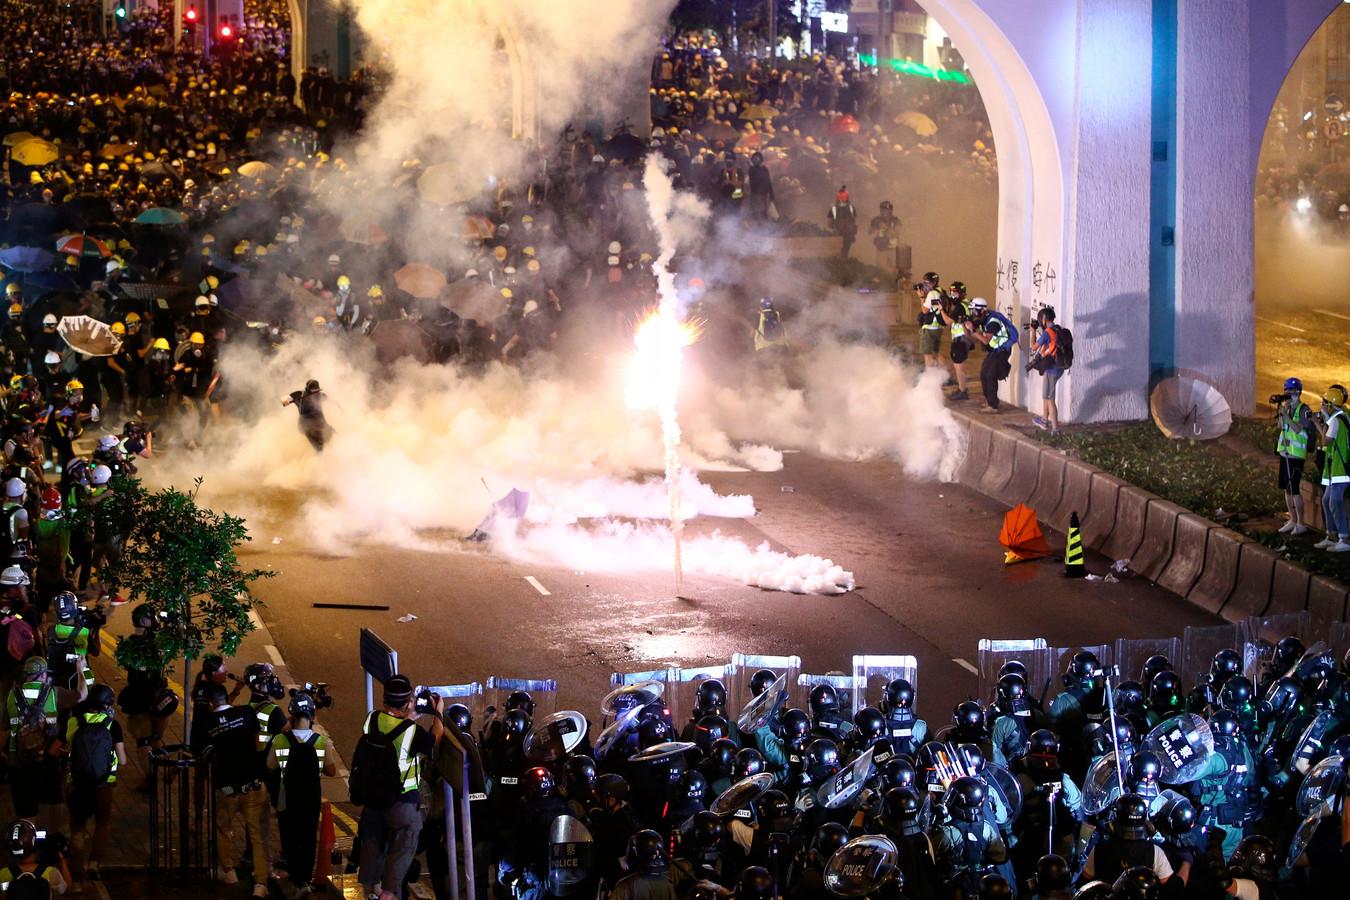 De oproerpolitie zette gisteren traangas in tegen demonstranten uit Hongkong.